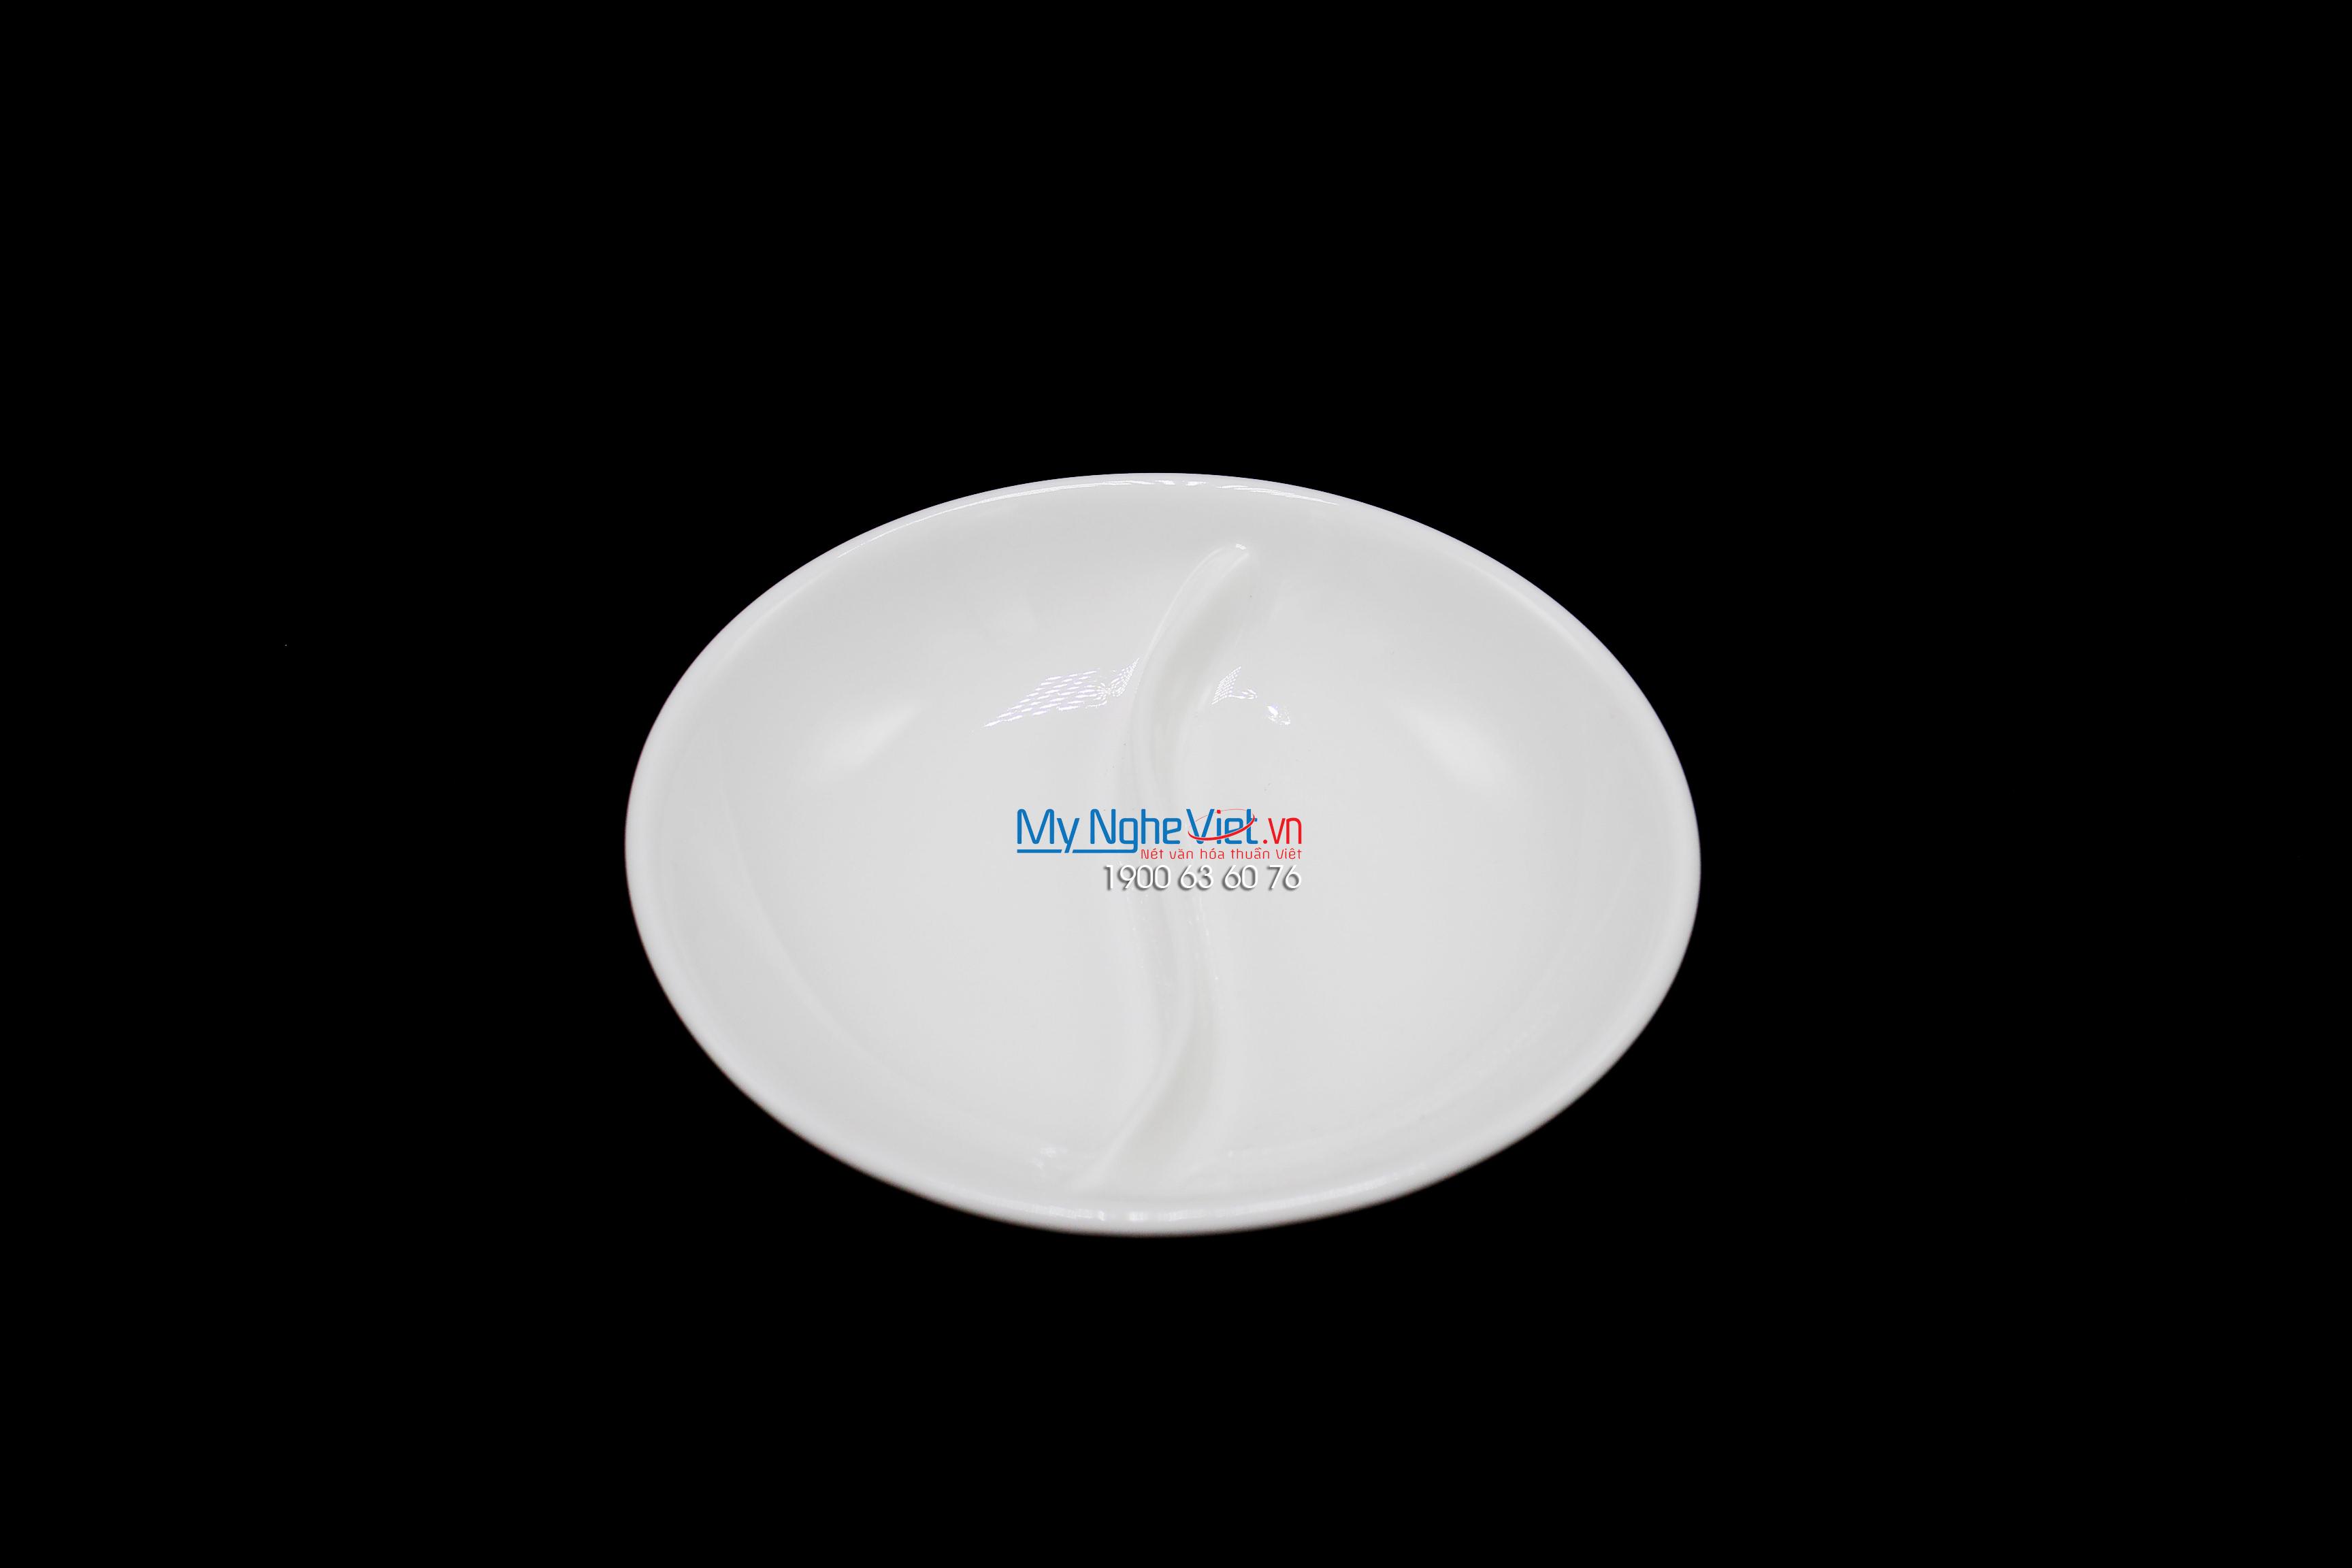 Chén chấm 2 ngăn 10.5 cm trắng ngà - MNV - 231004000